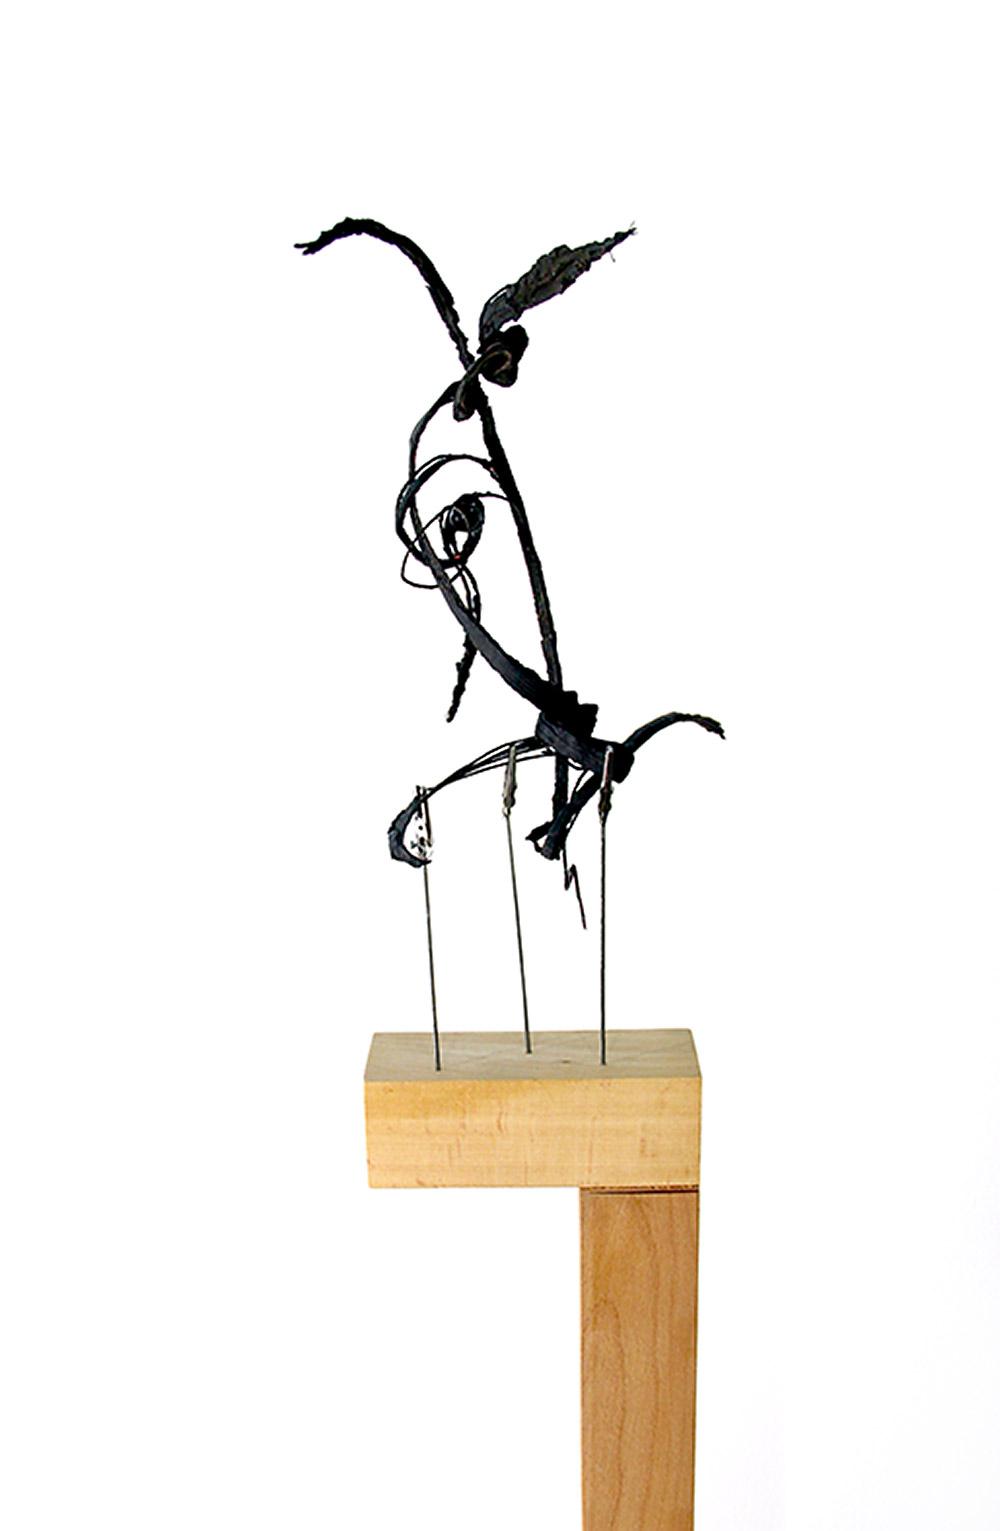 הצמיגים אוצרים תנועה גם כפסל